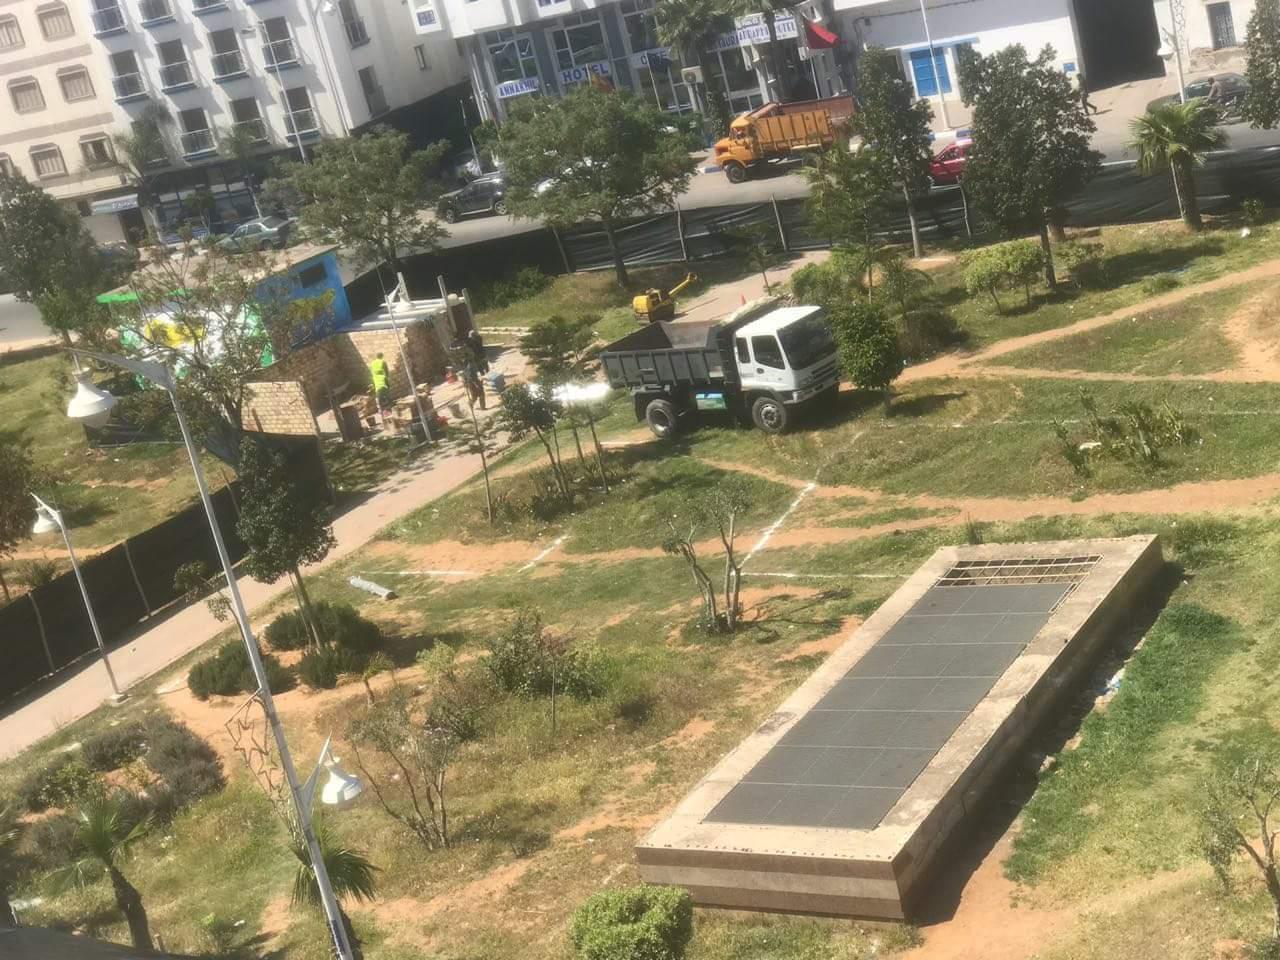 +صور: عمالة الناظور تحول حديقة 3 مارس الى محطة تاكسيات.. AMDH تعتبرها فضيحة و نشطاء يستنكرون